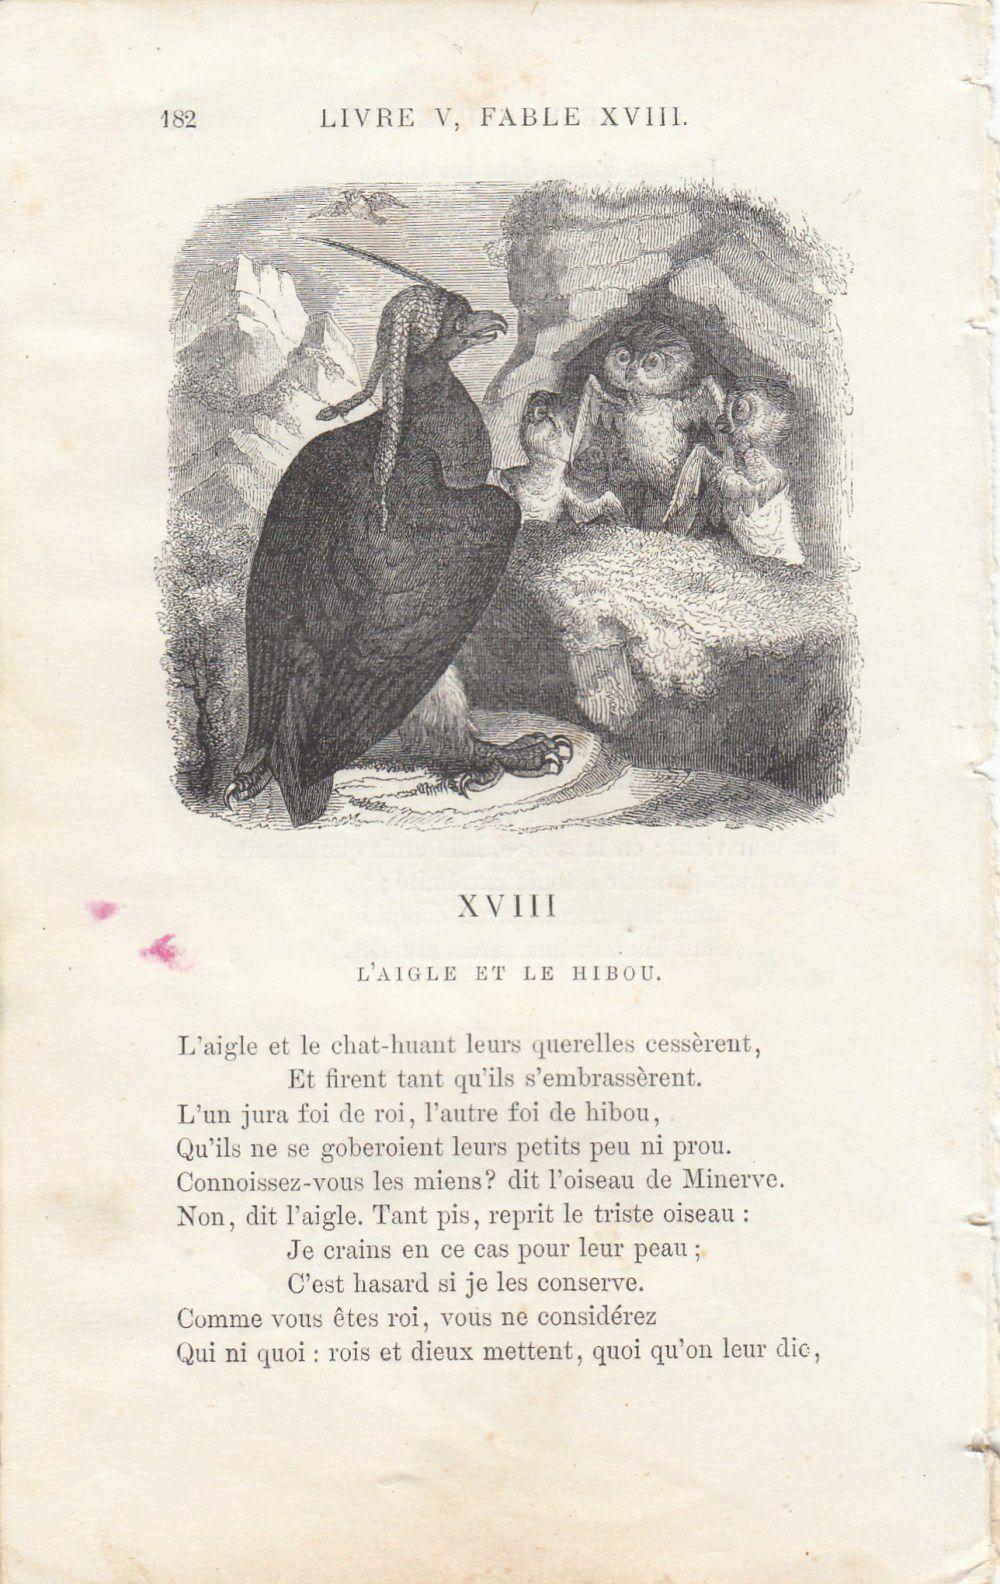 アンティークイソップ童話集リトグラフ/De Grandville図版